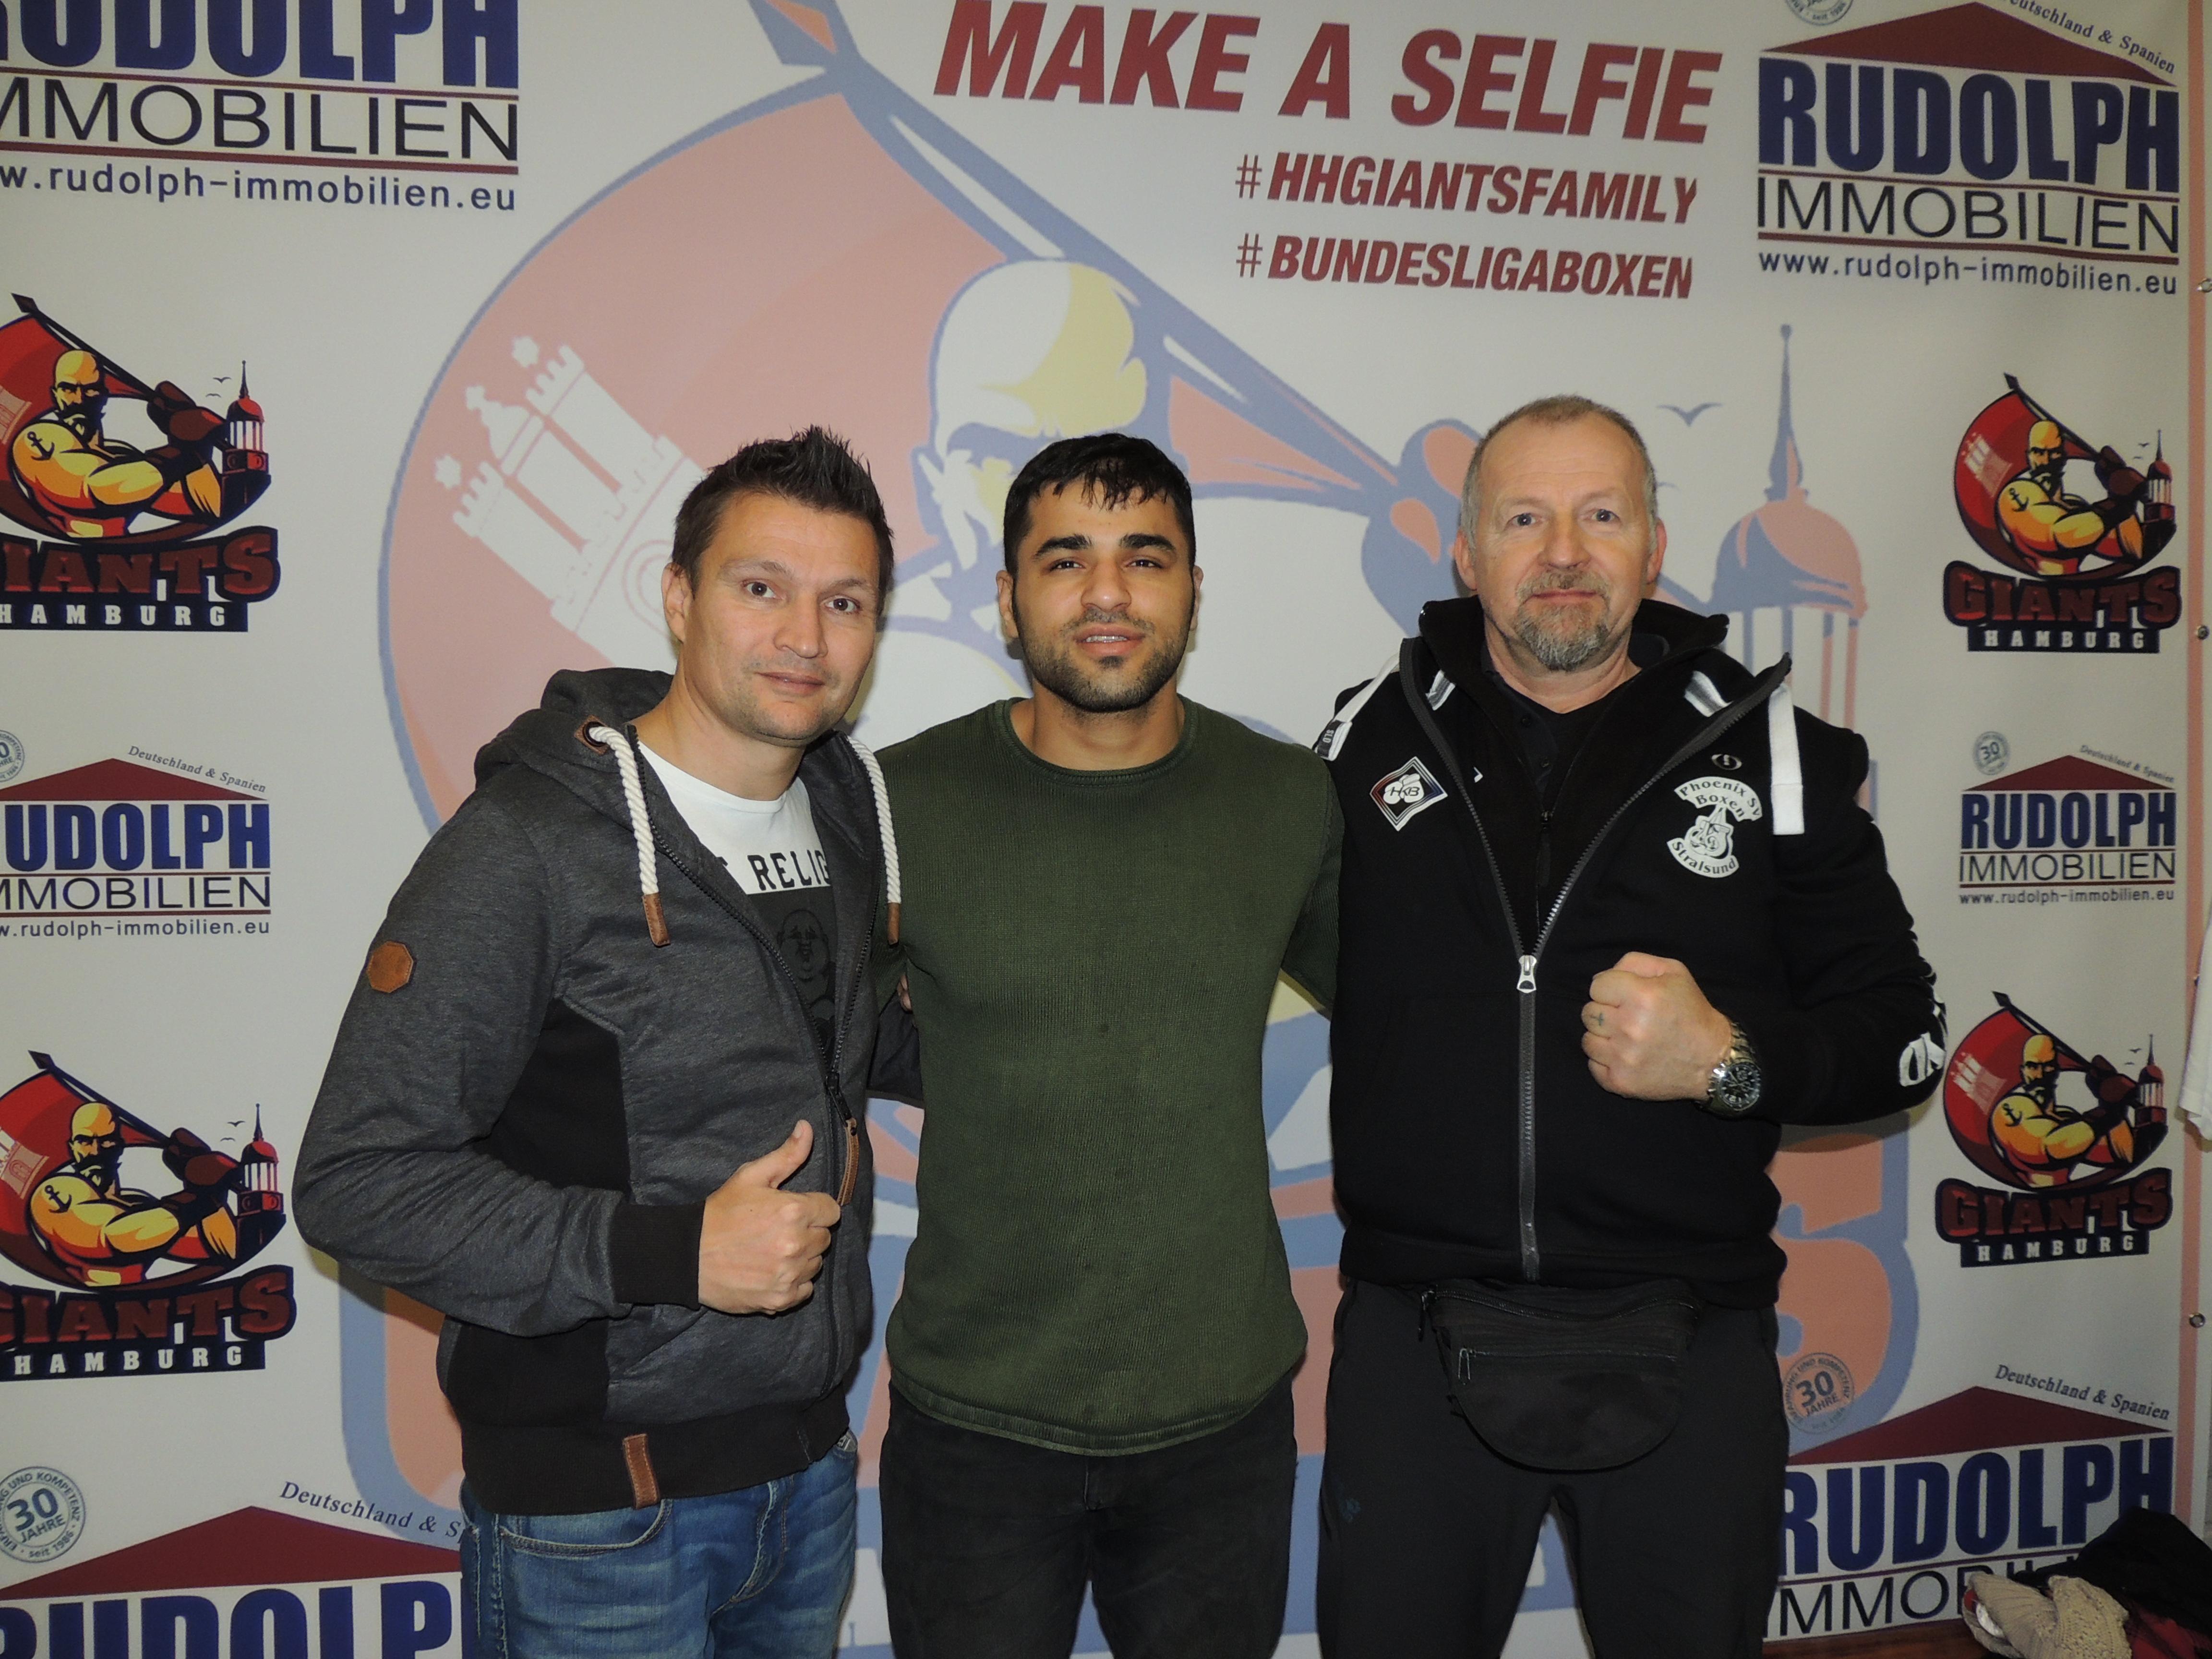 Zu Gast waren der amtierende Deutsche Schwergewichtsmeister Ammar Abbas Abduljabar (m), HABV Sportdirektor Christian Morales (l) und HKB-Koordinator Ronny Poge